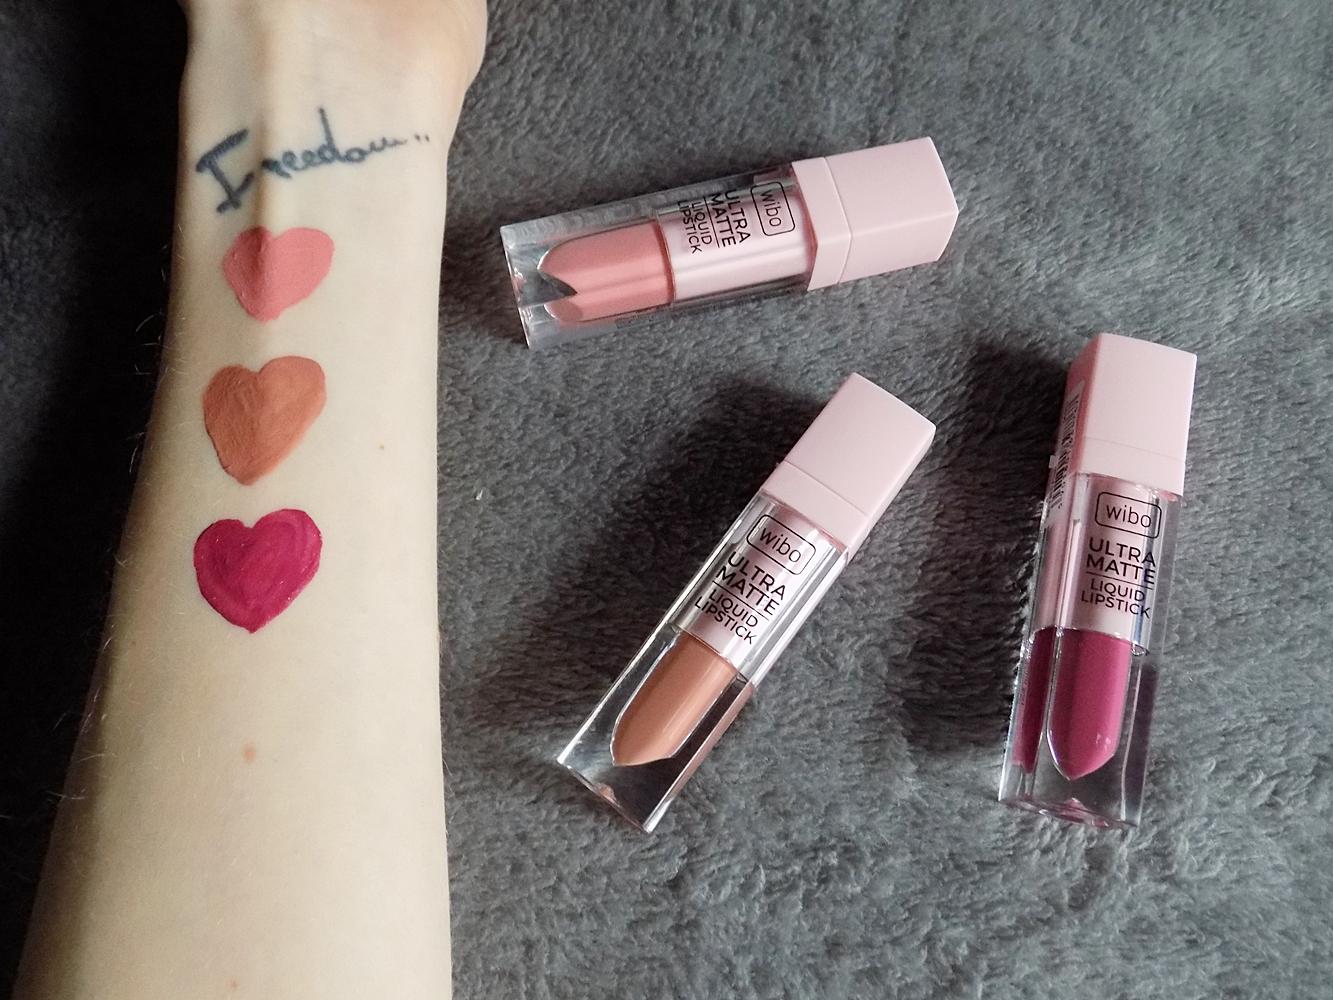 #31 Ultra Matte Liquid Lipstick - Nowości, płynne matowe pomadki Wibo!